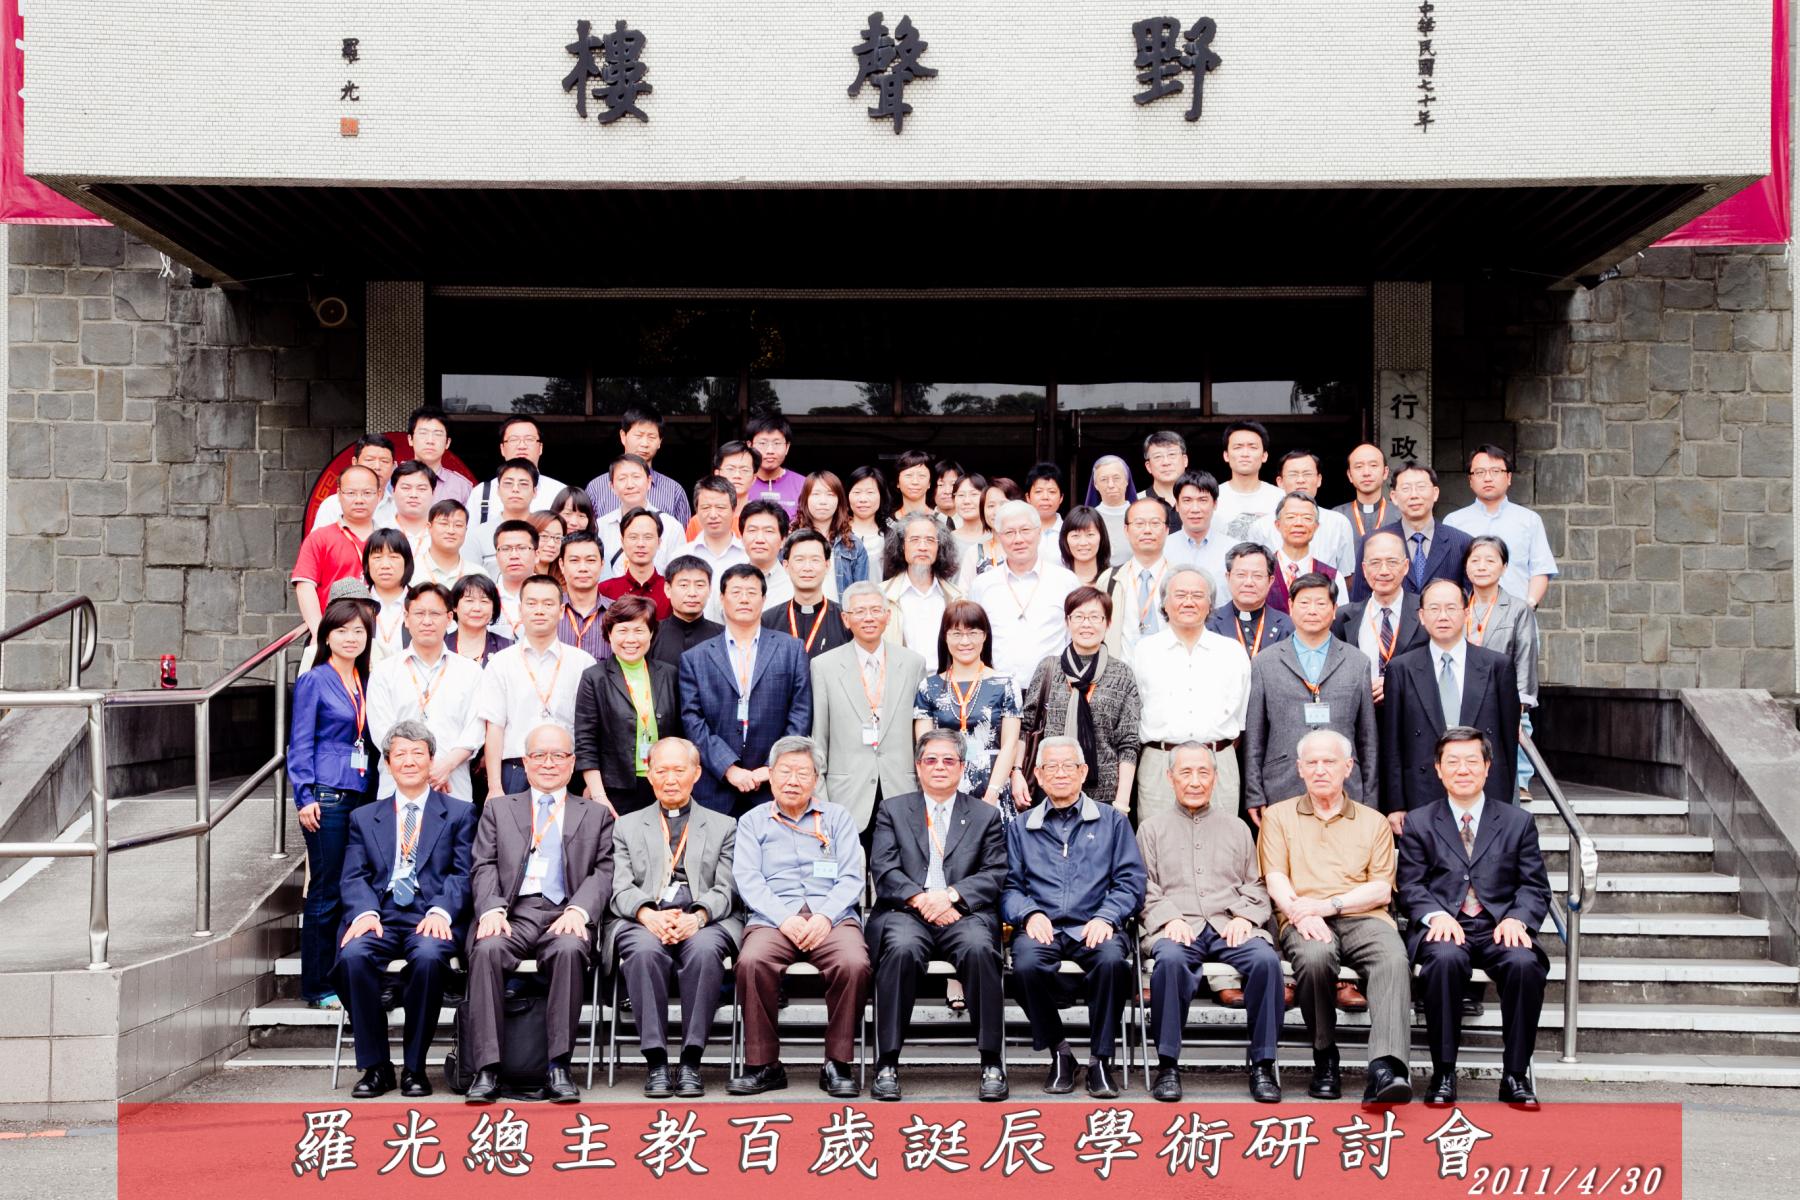 20110411羅光百歲誕辰學術研討會